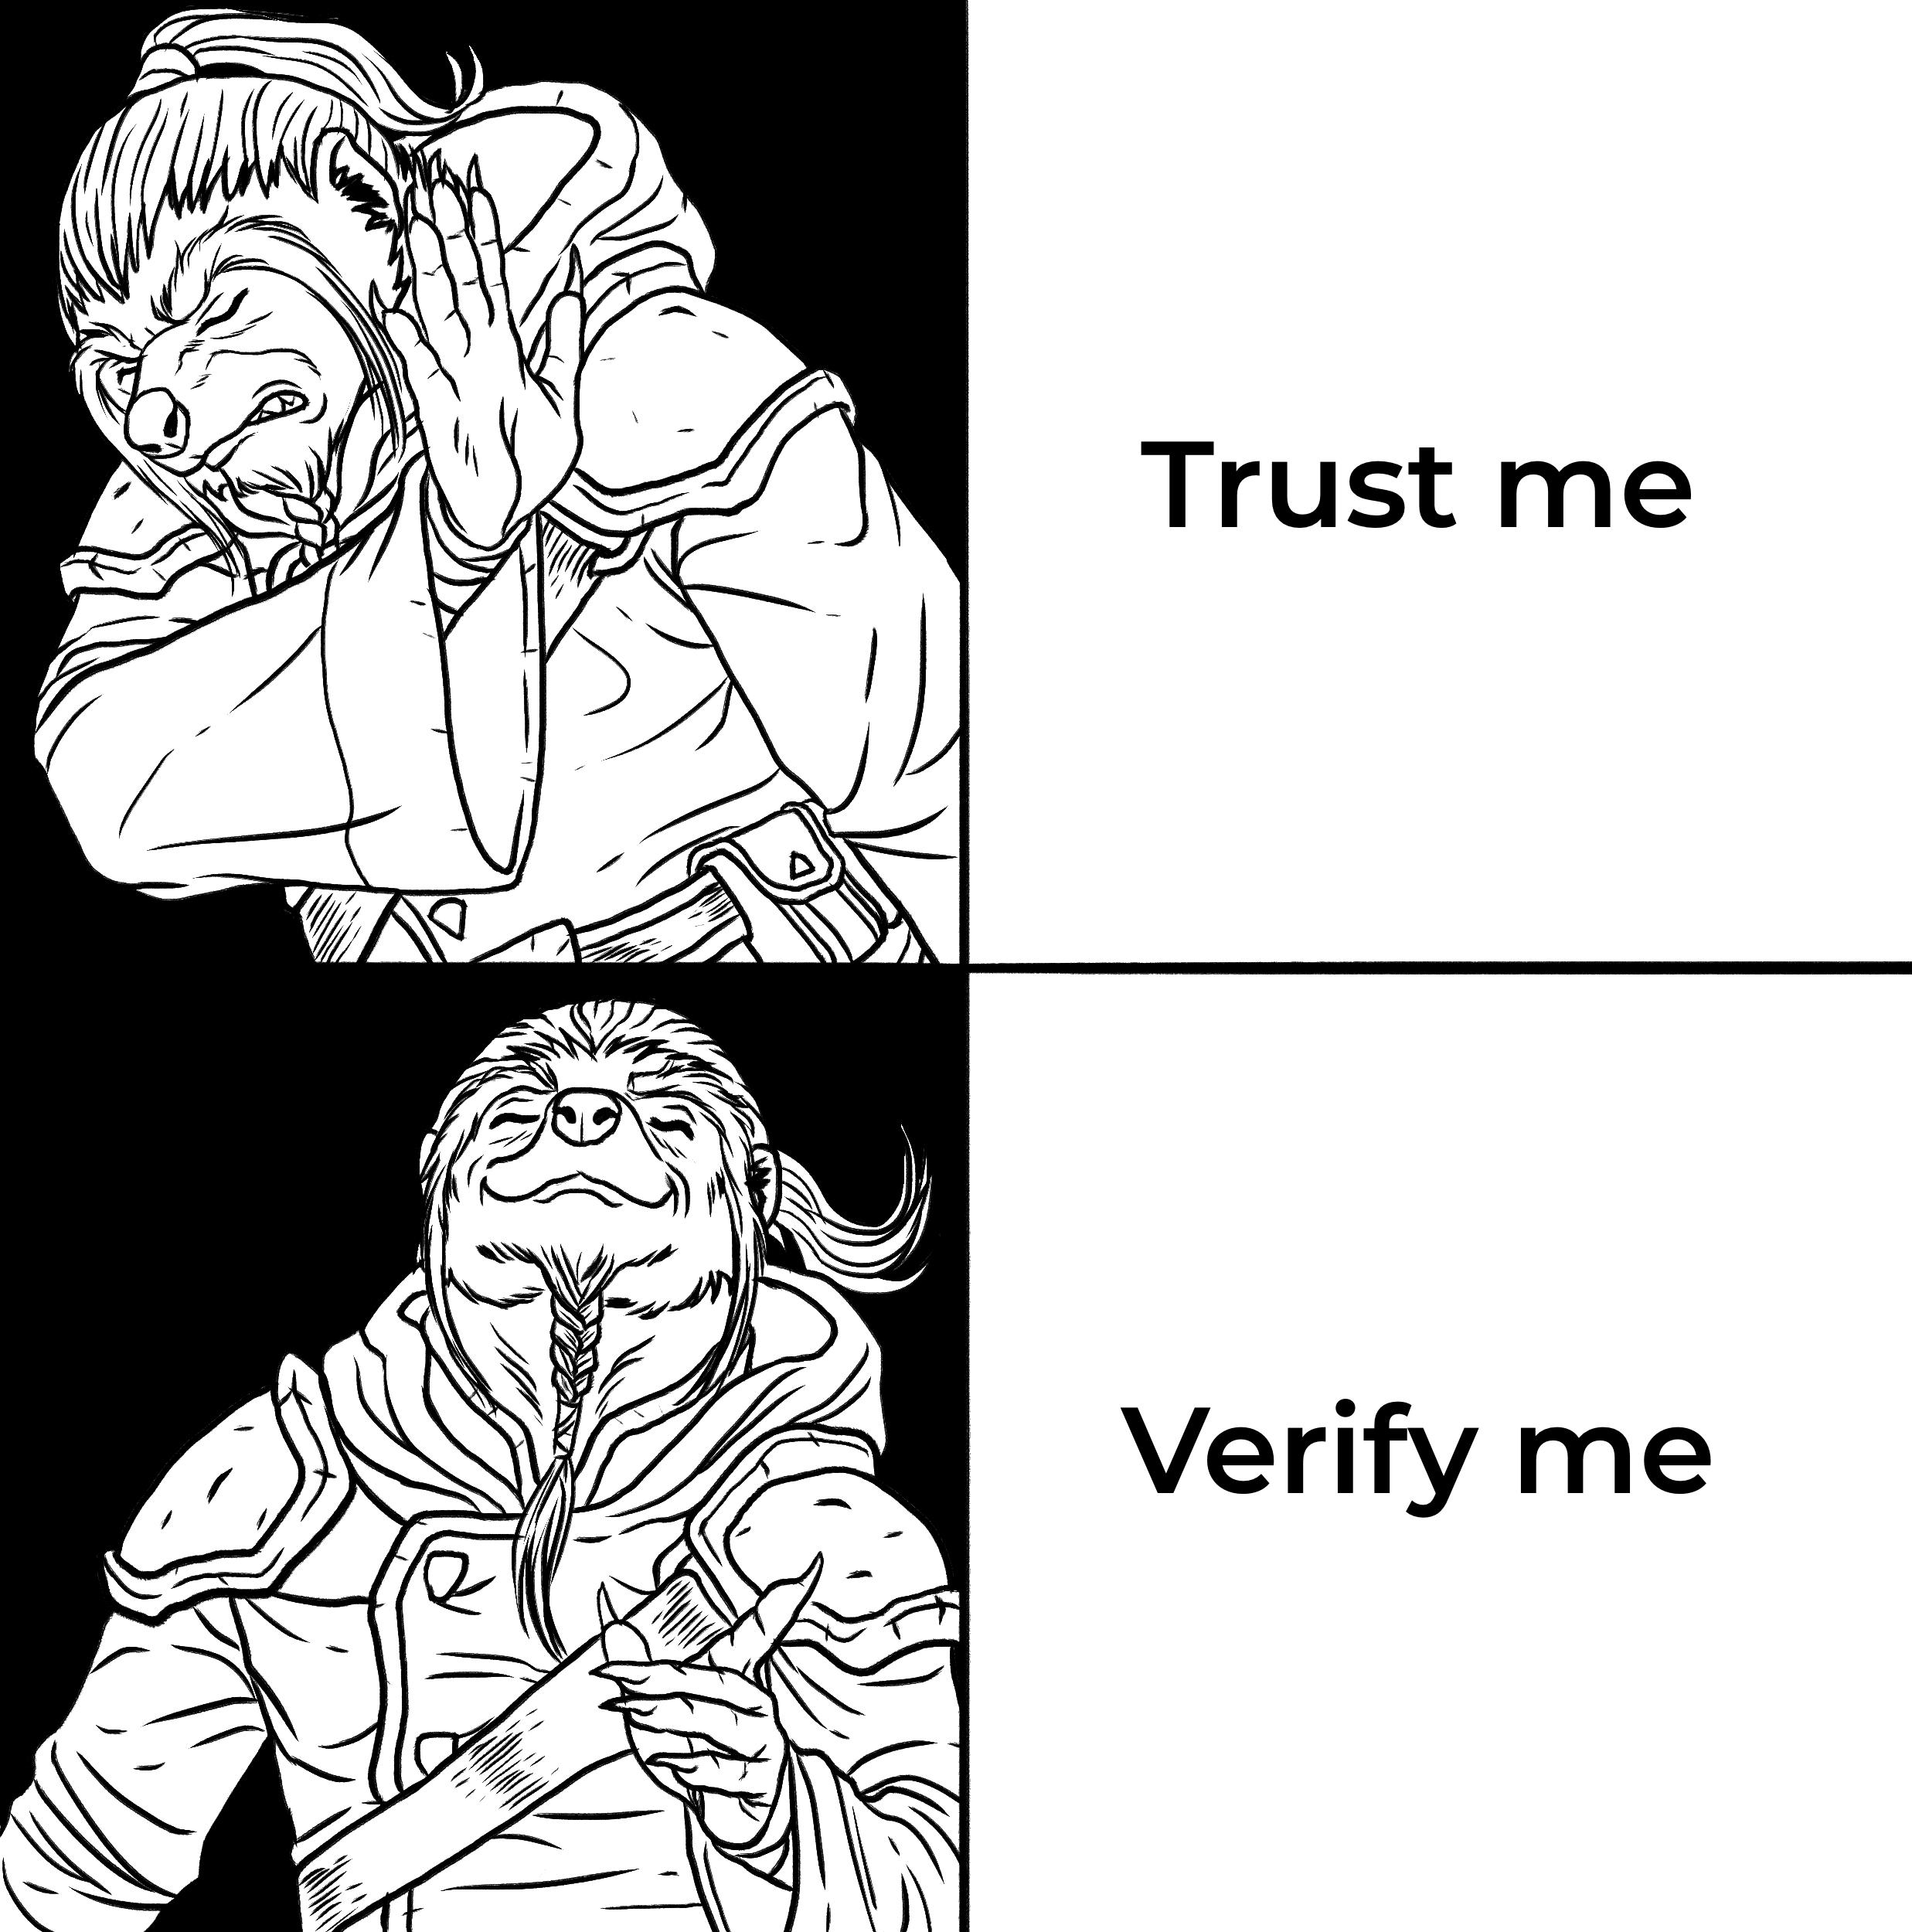 Don't Trust Me - Verify